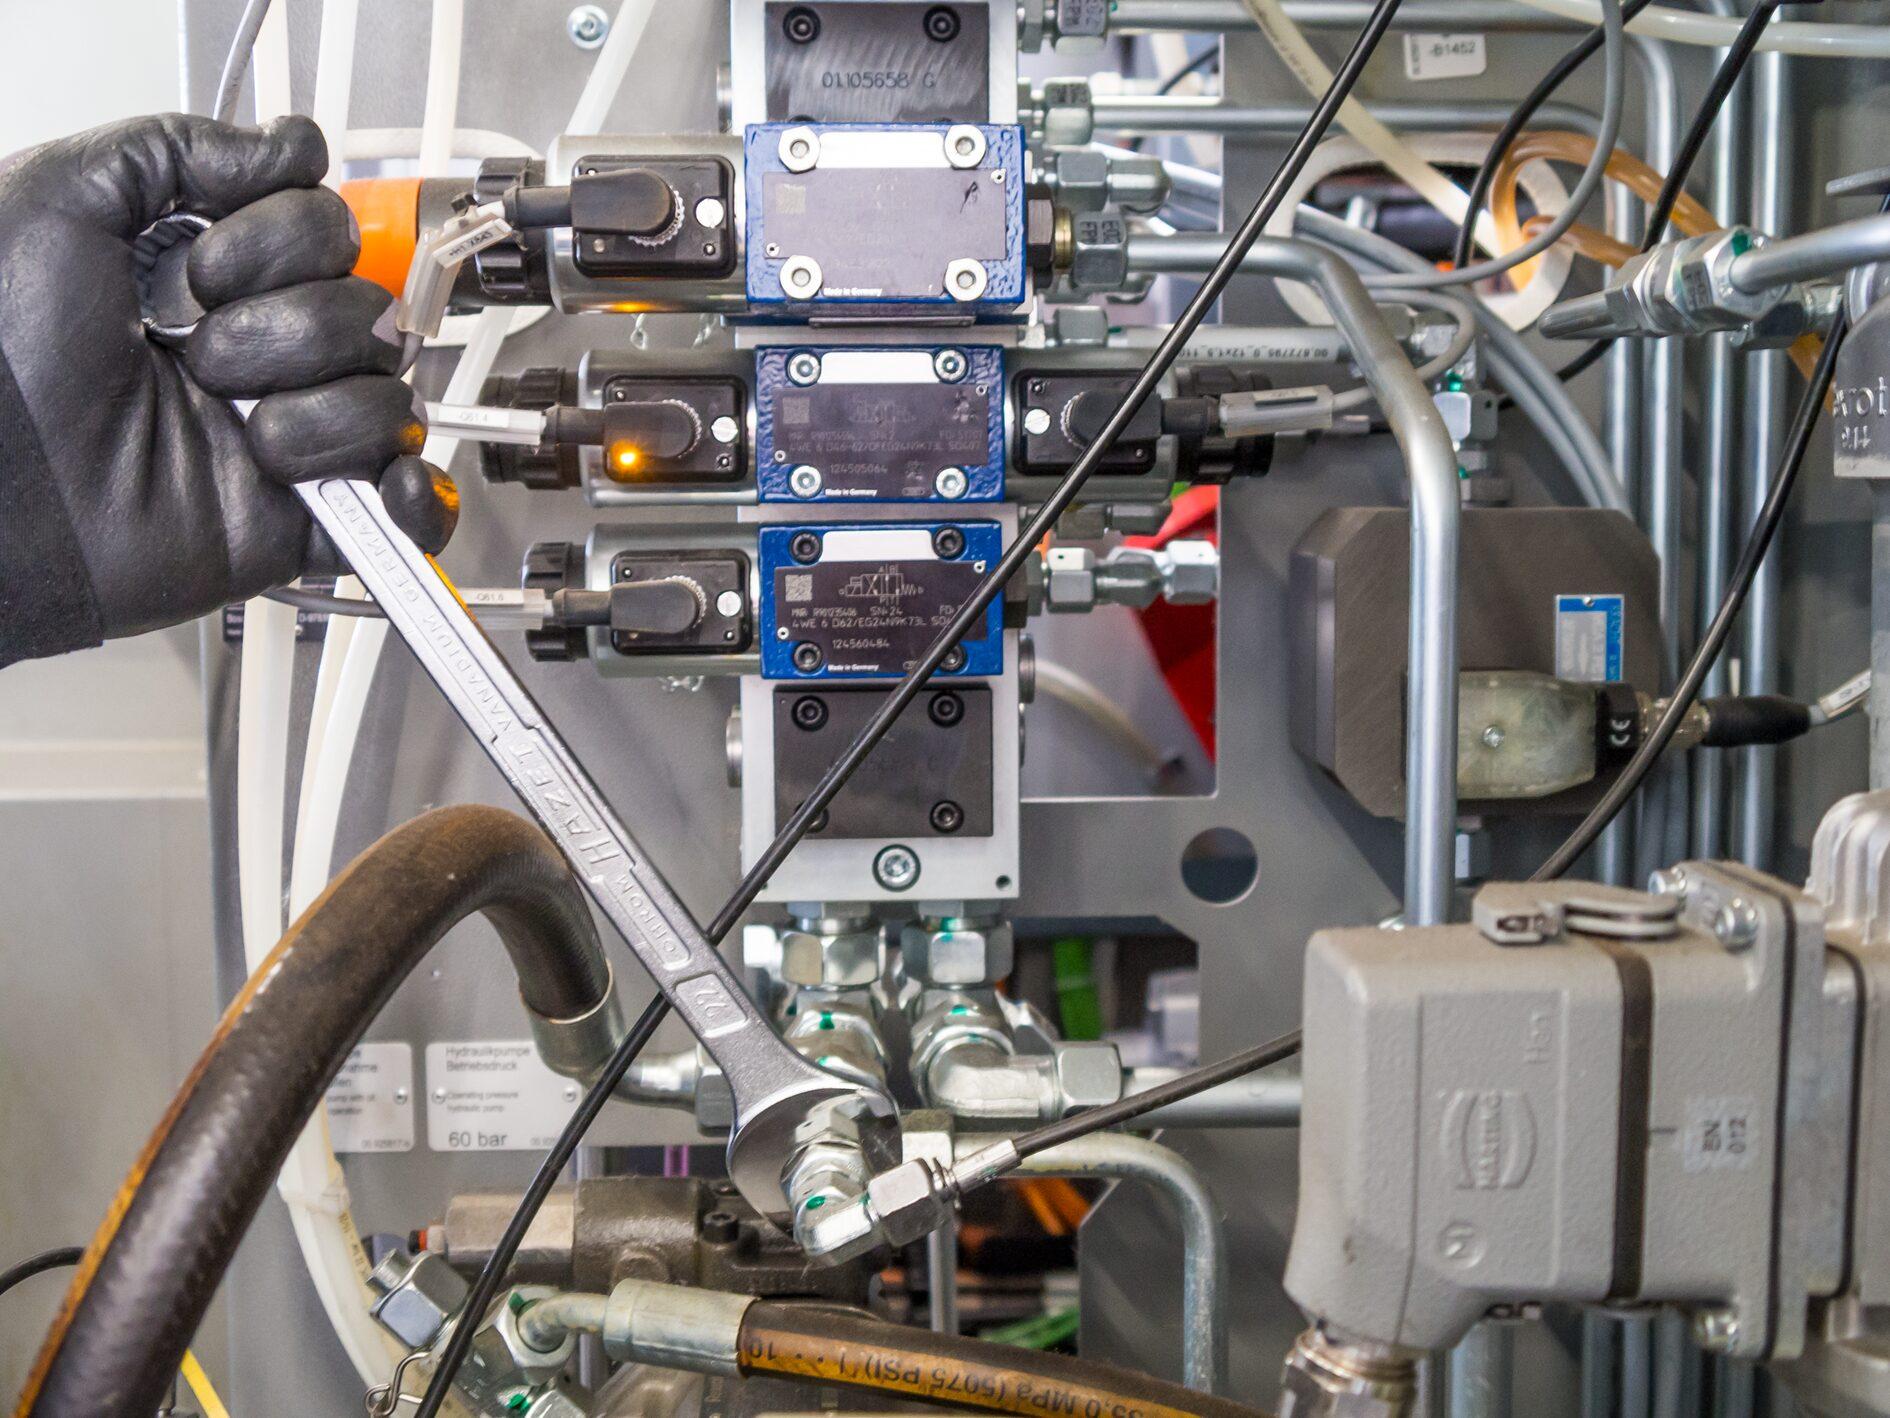 HAZET Ring-Maulschlüssel 600N-11 ∙ Außen-Doppel-Sechskant-Tractionsprofil ∙ 11 mm